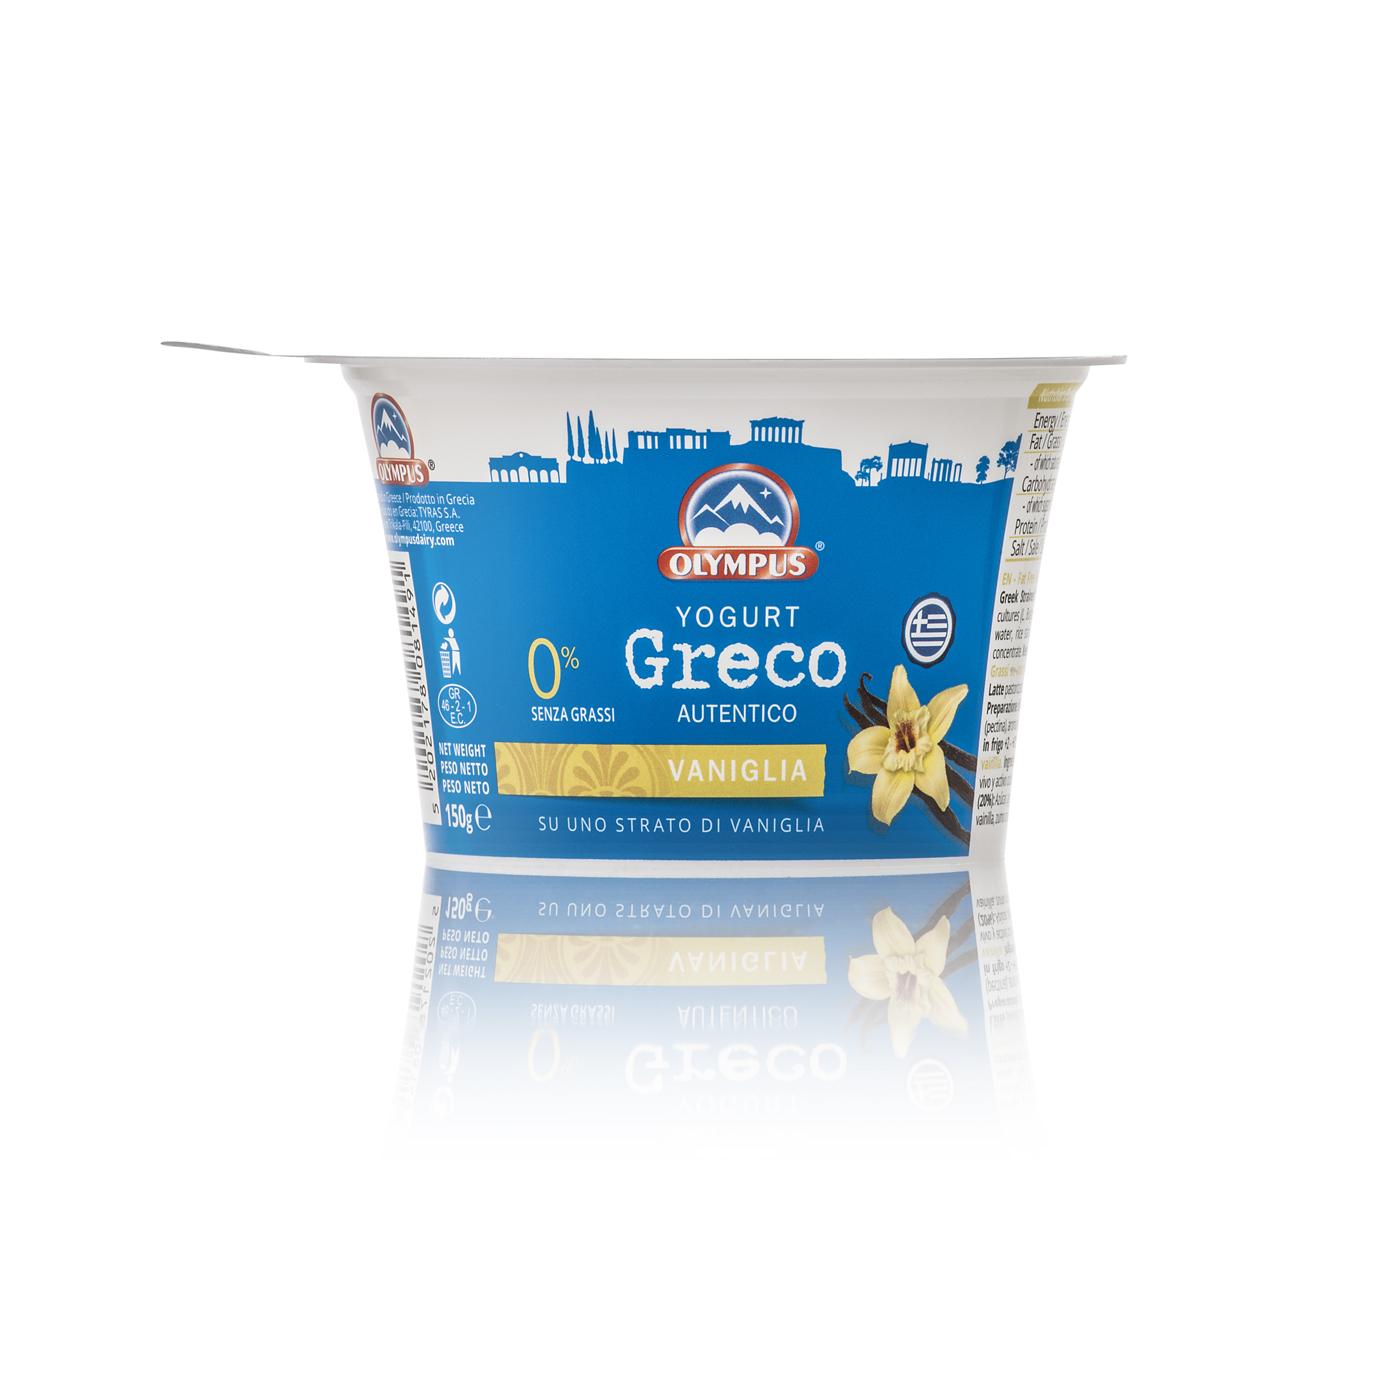 Olympus yogurt vanilla-